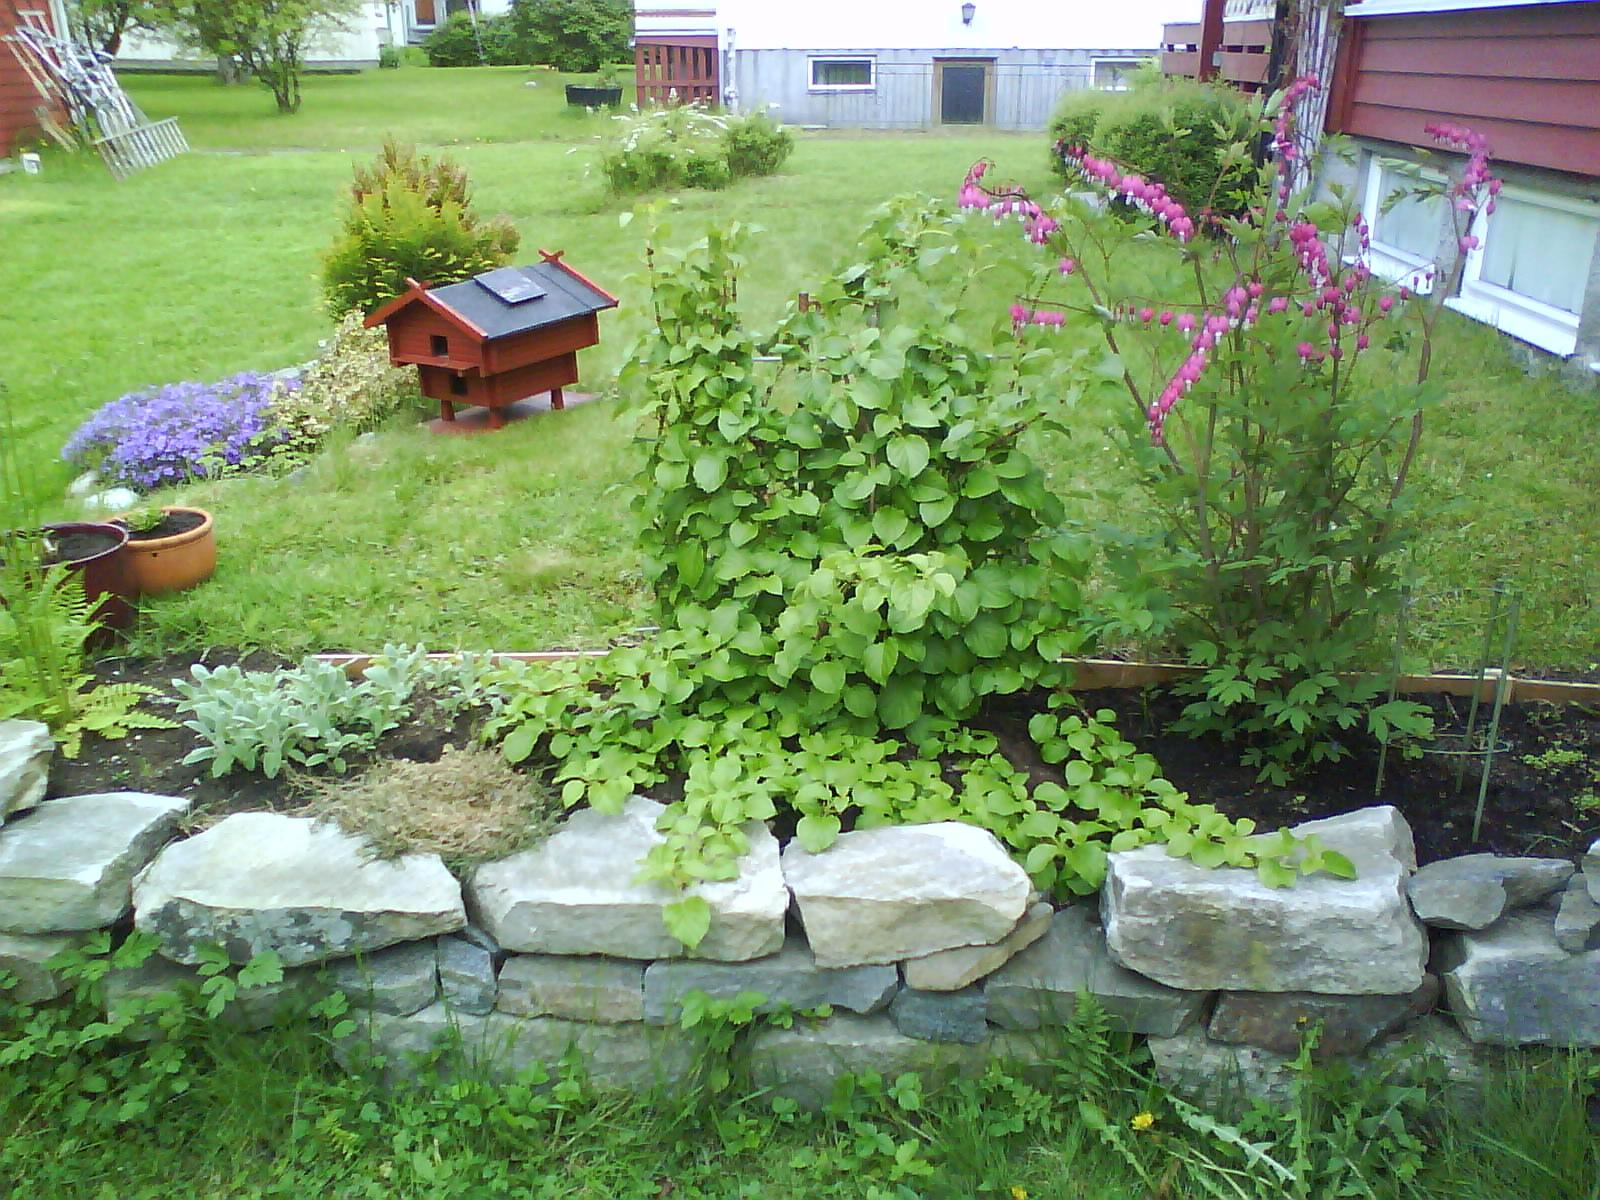 steinmur i hagen